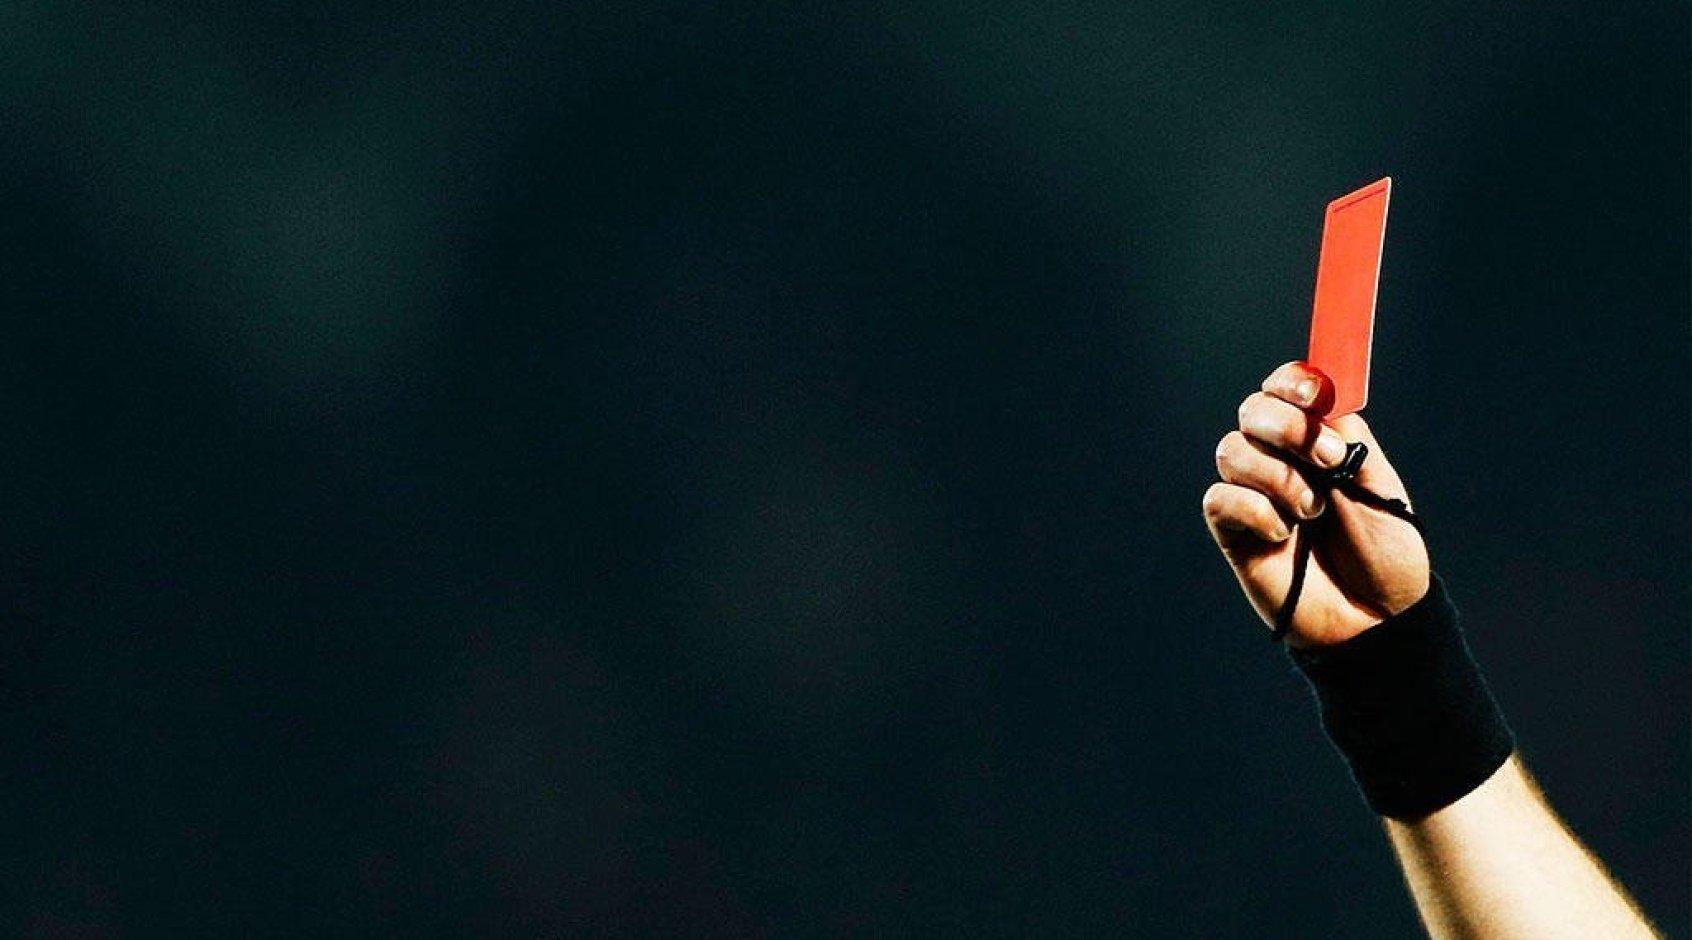 Судьи показали семь красных карточек в матчах 20-го тура РПЛ: это повторение рекорда